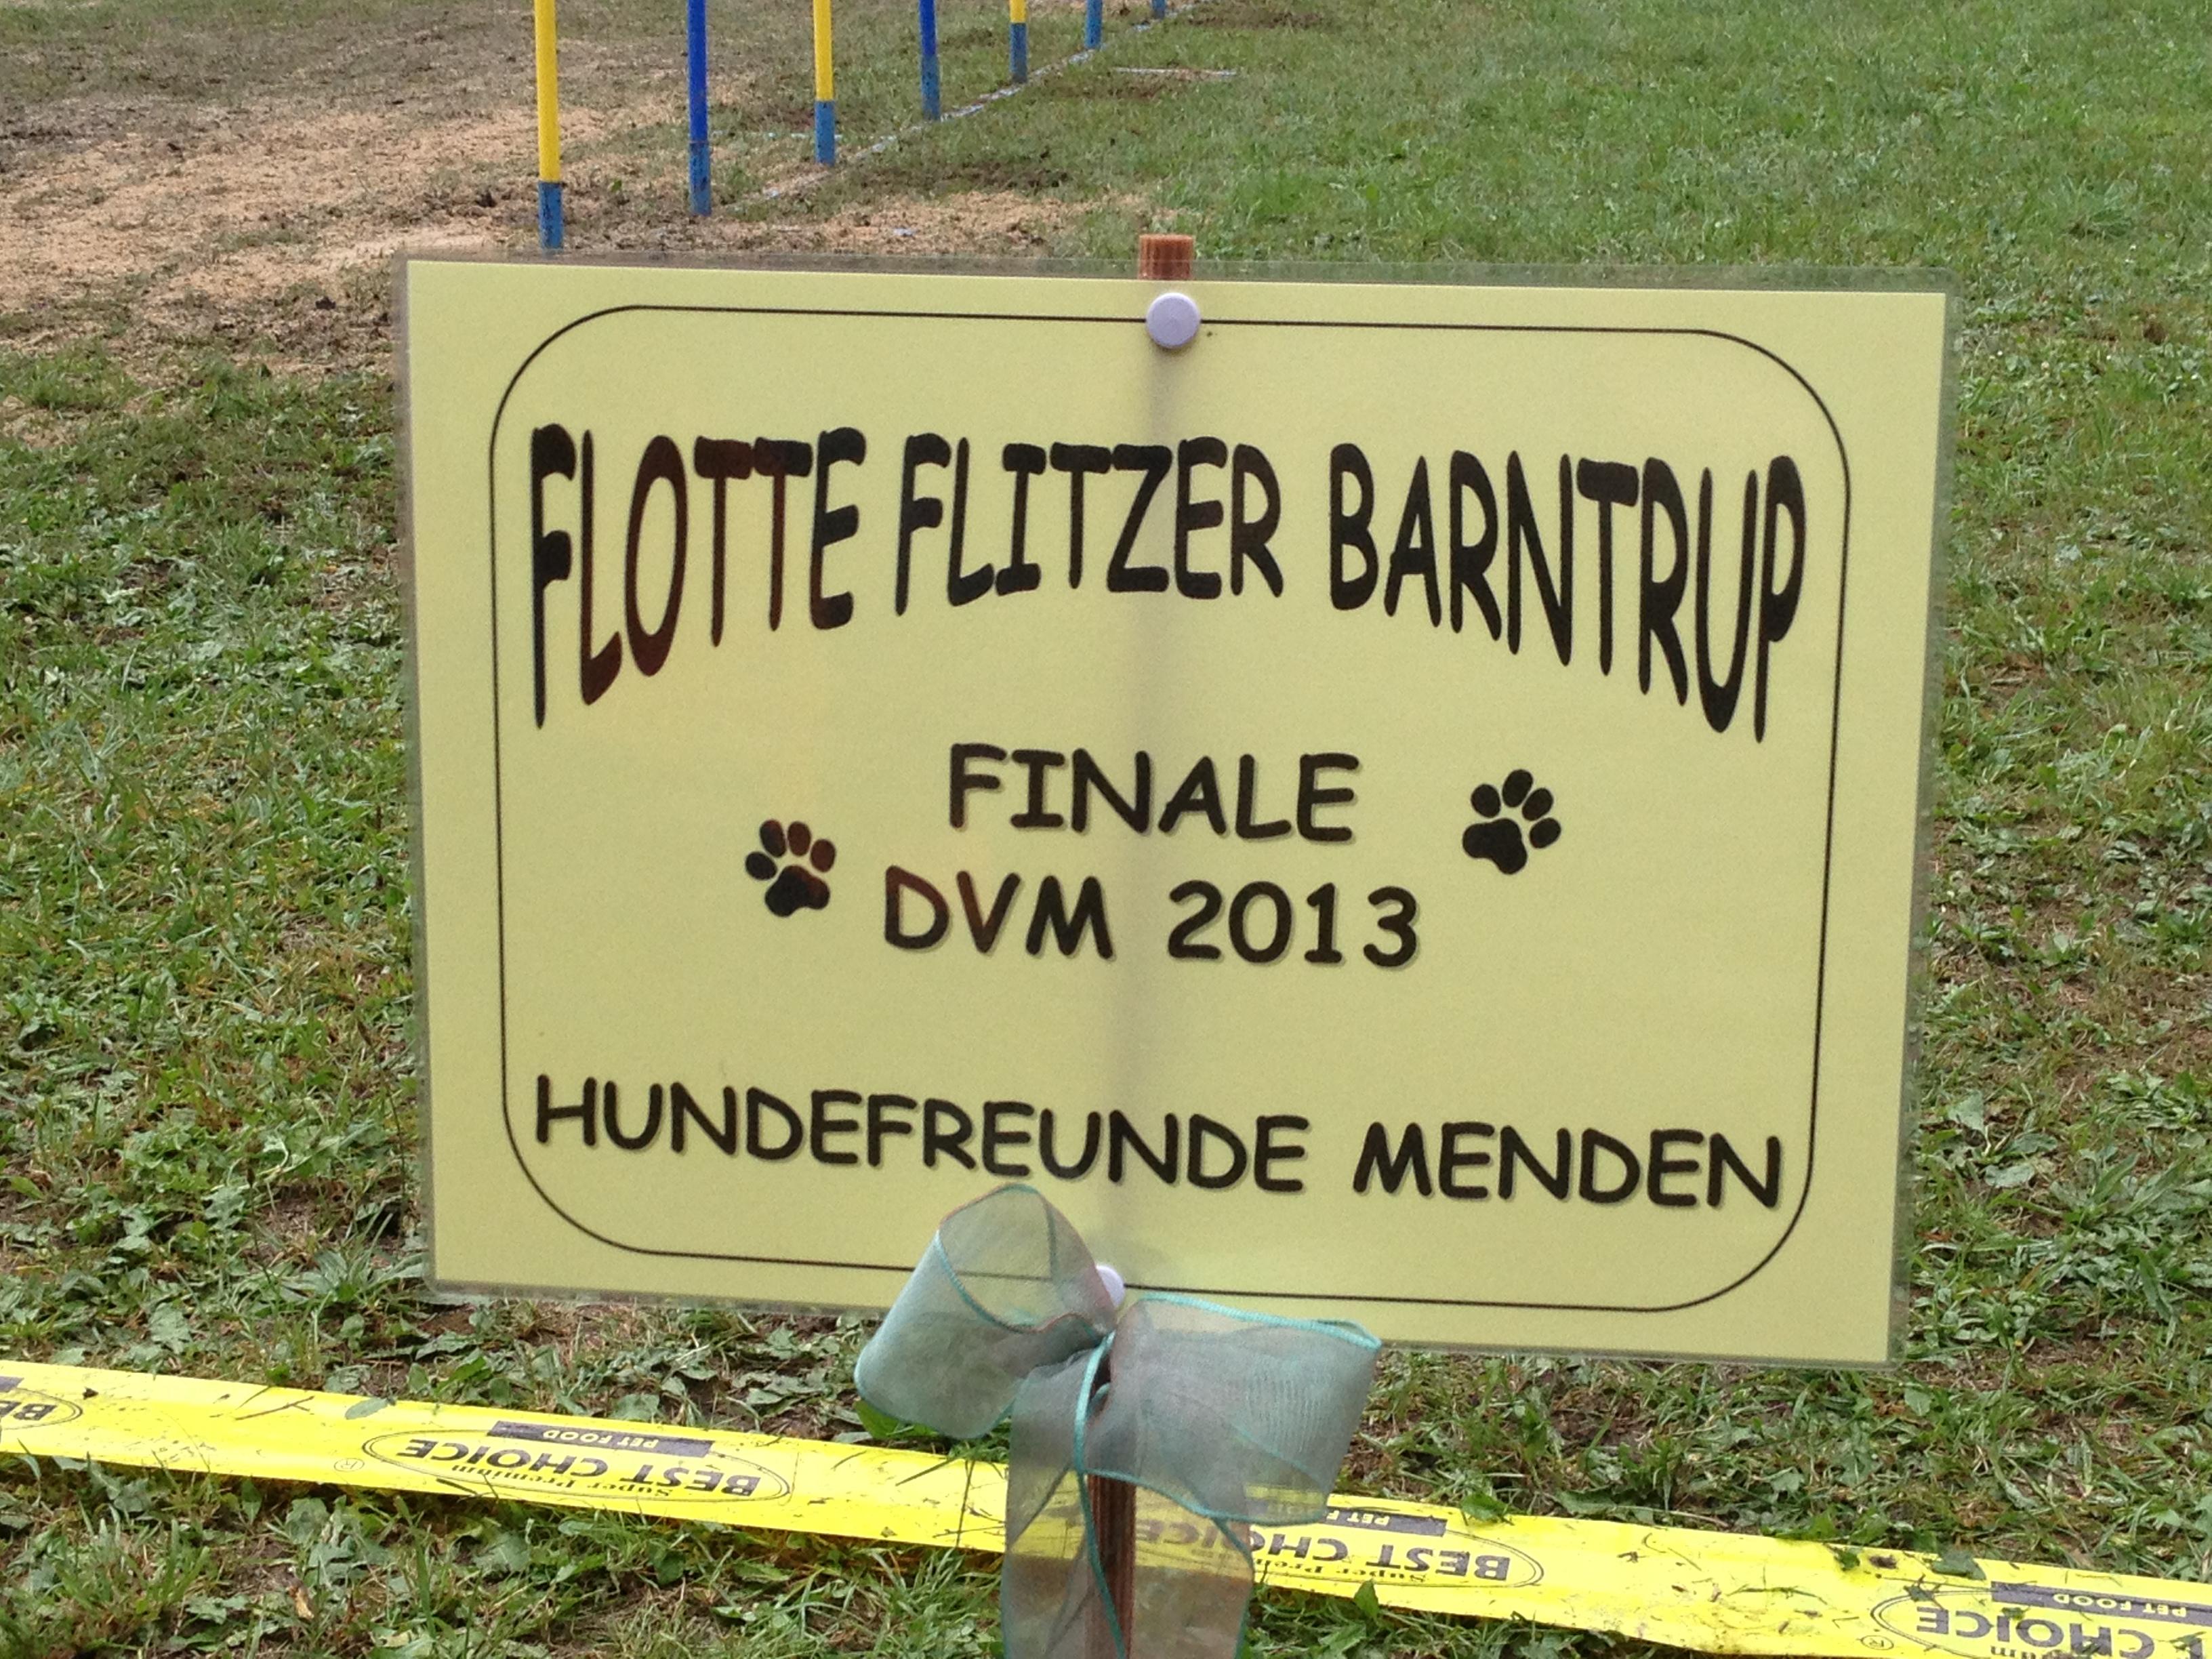 Deutsche Vereinsmeisterschaften Finale